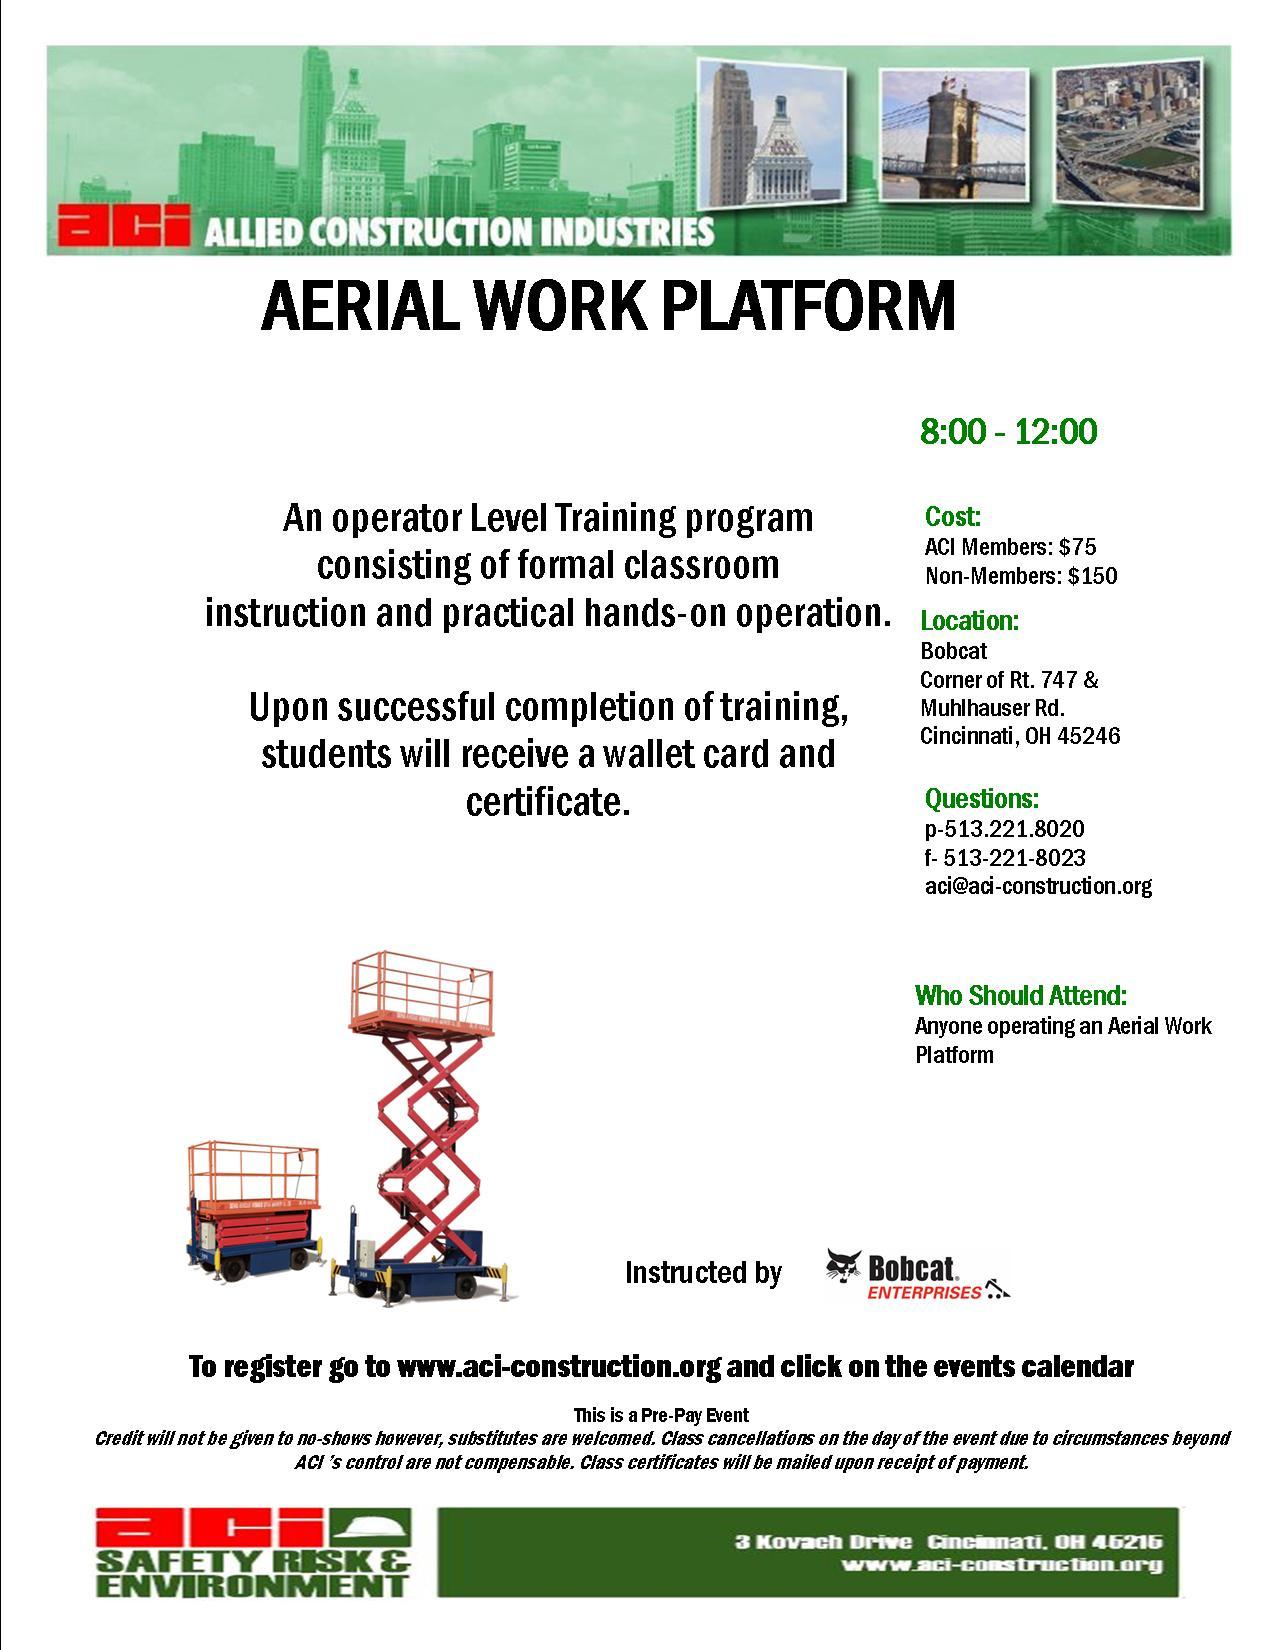 aerial work platform december 5 2013 no aci registrants. Black Bedroom Furniture Sets. Home Design Ideas